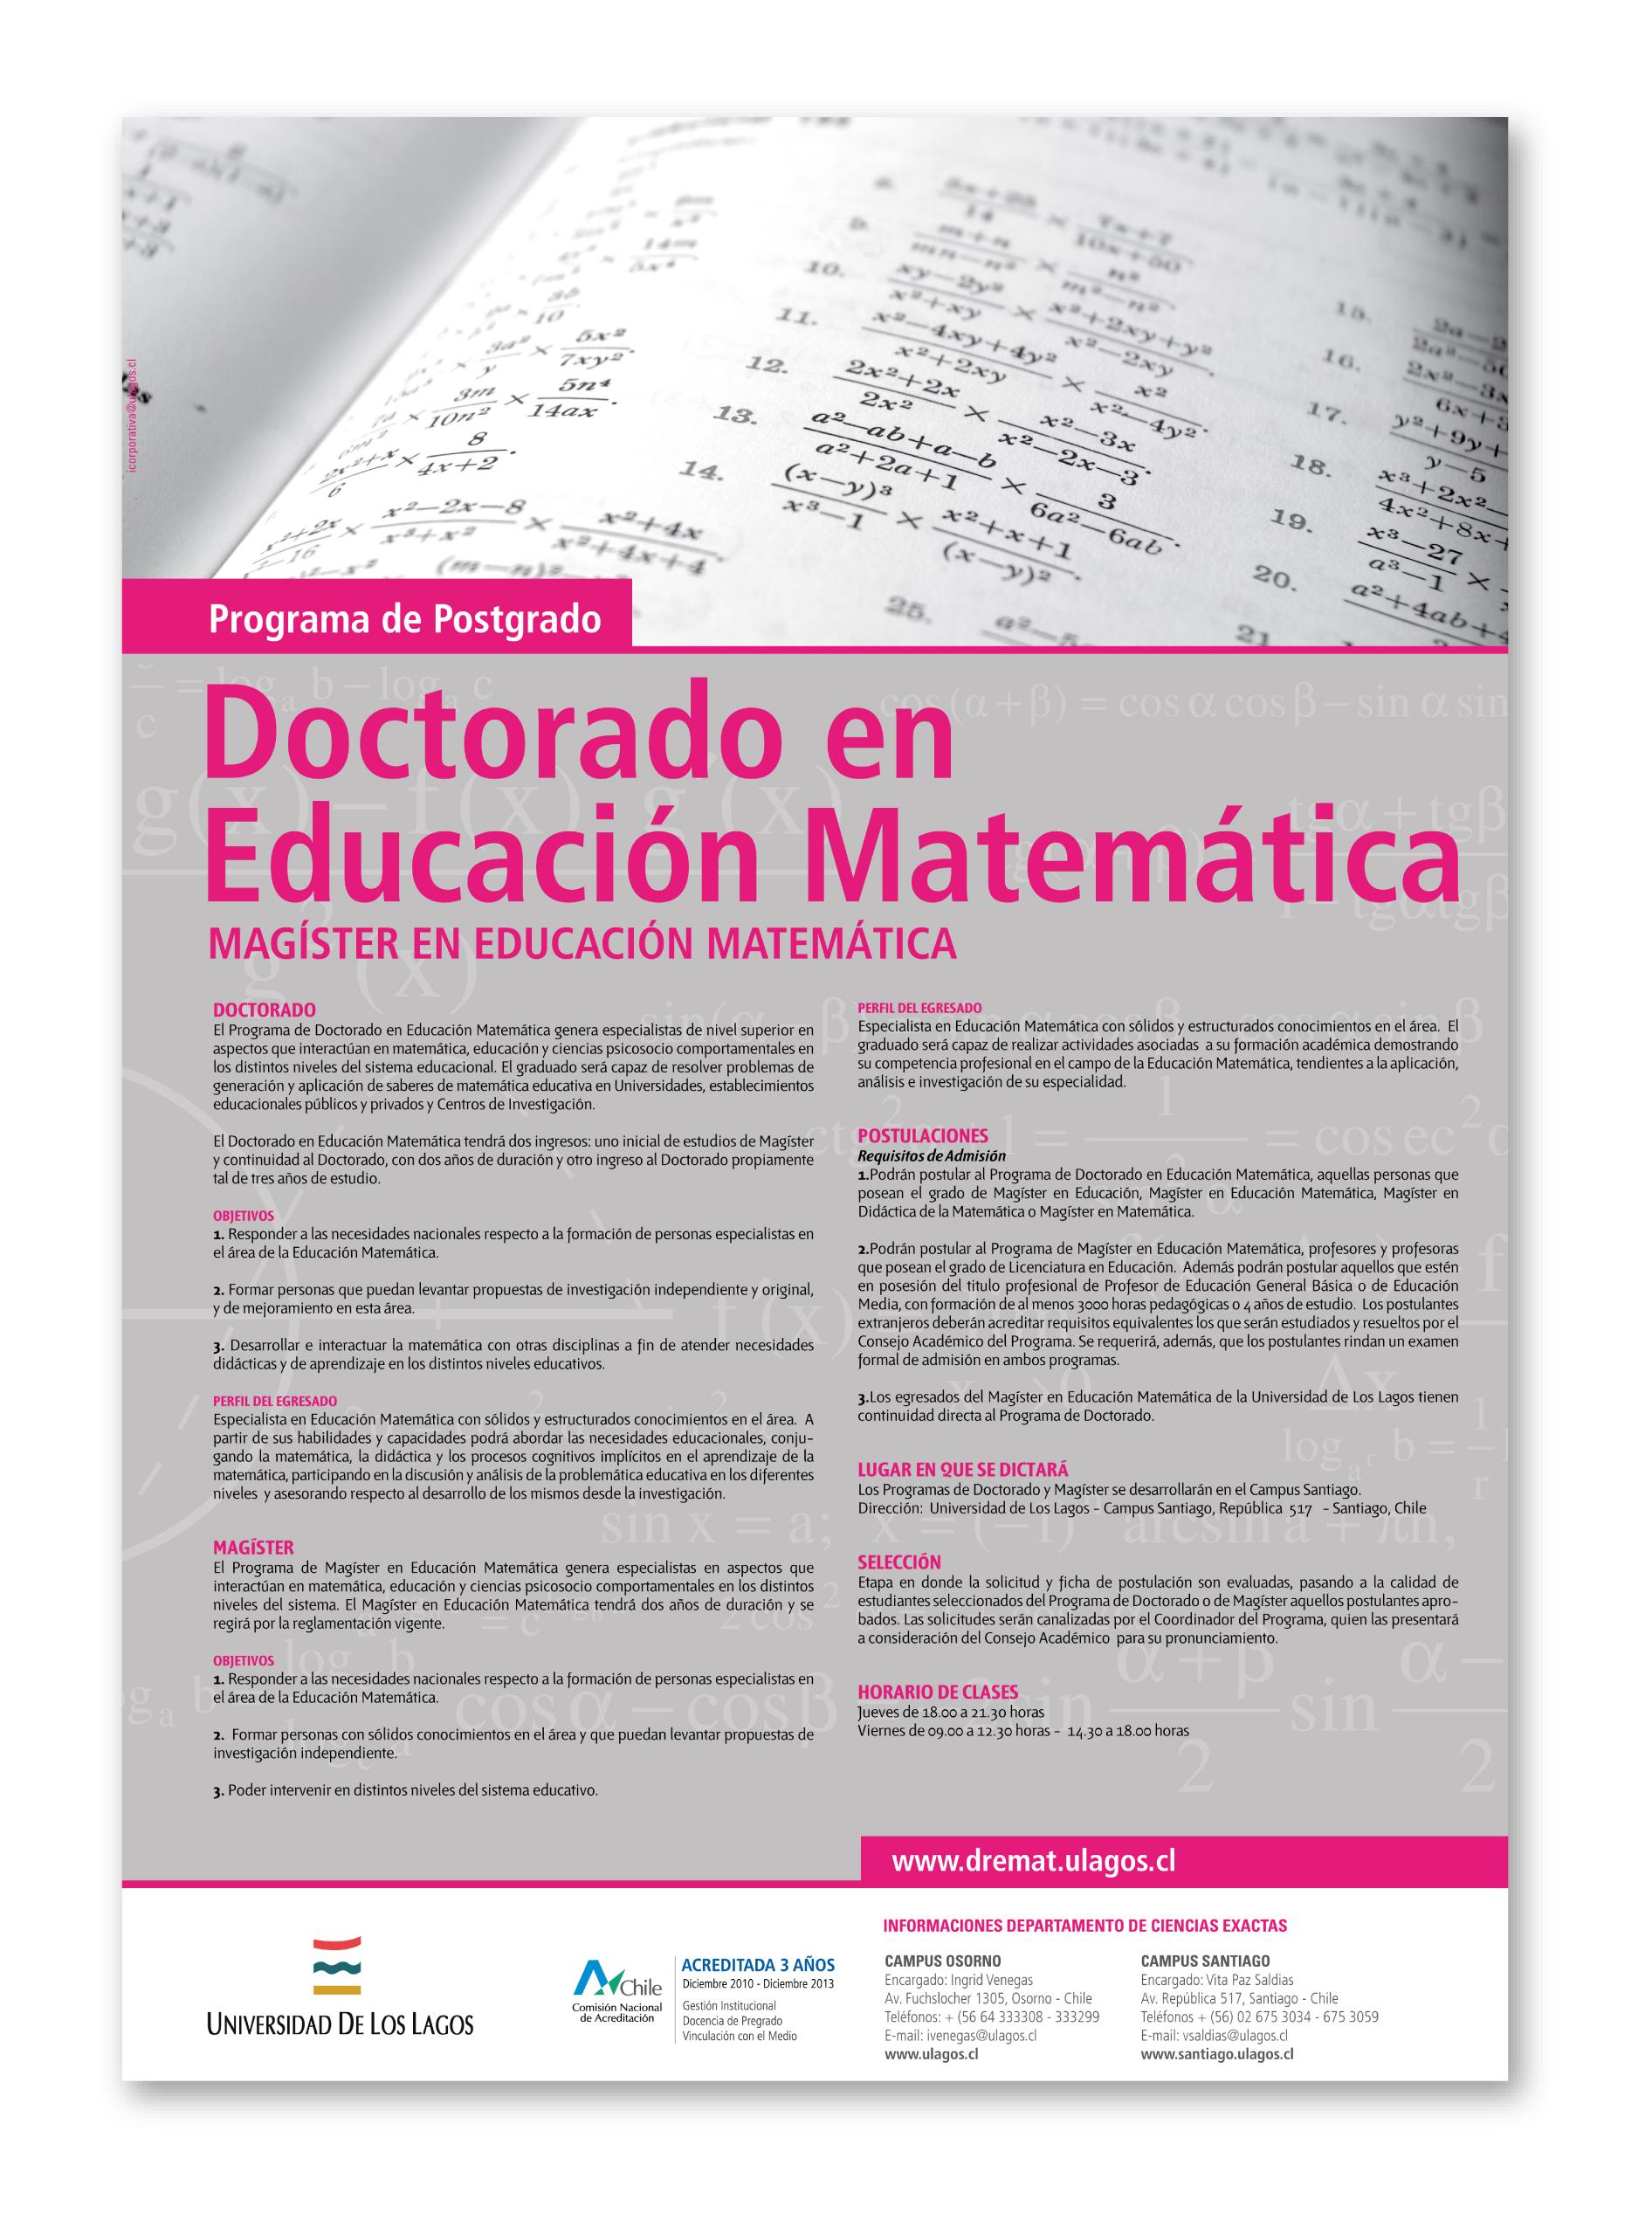 Dr.Matematica